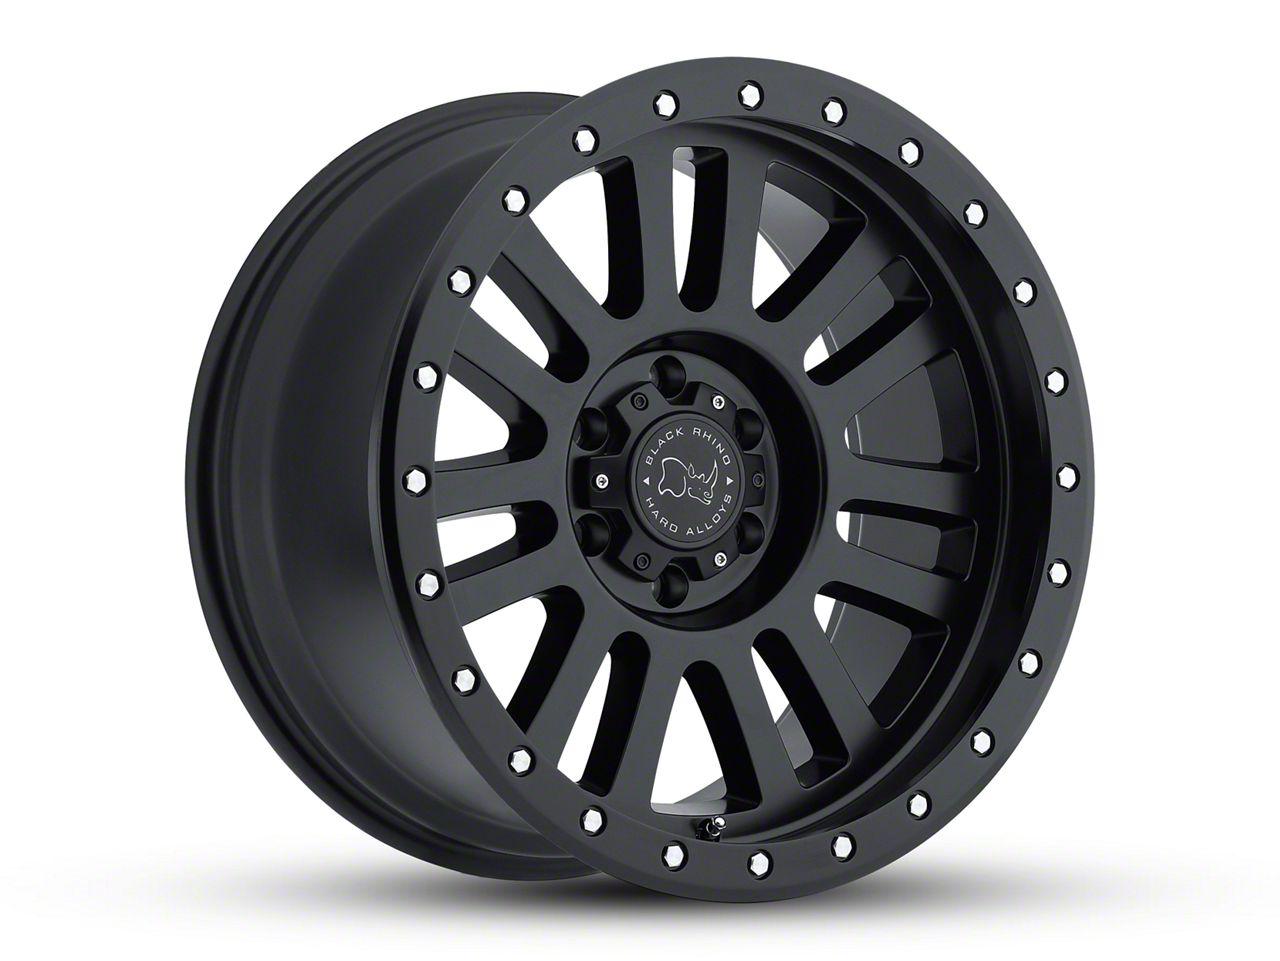 Black Rhino El Cajon Matte Black 6-Lug Wheel - 18x9 (99-18 Silverado 1500)